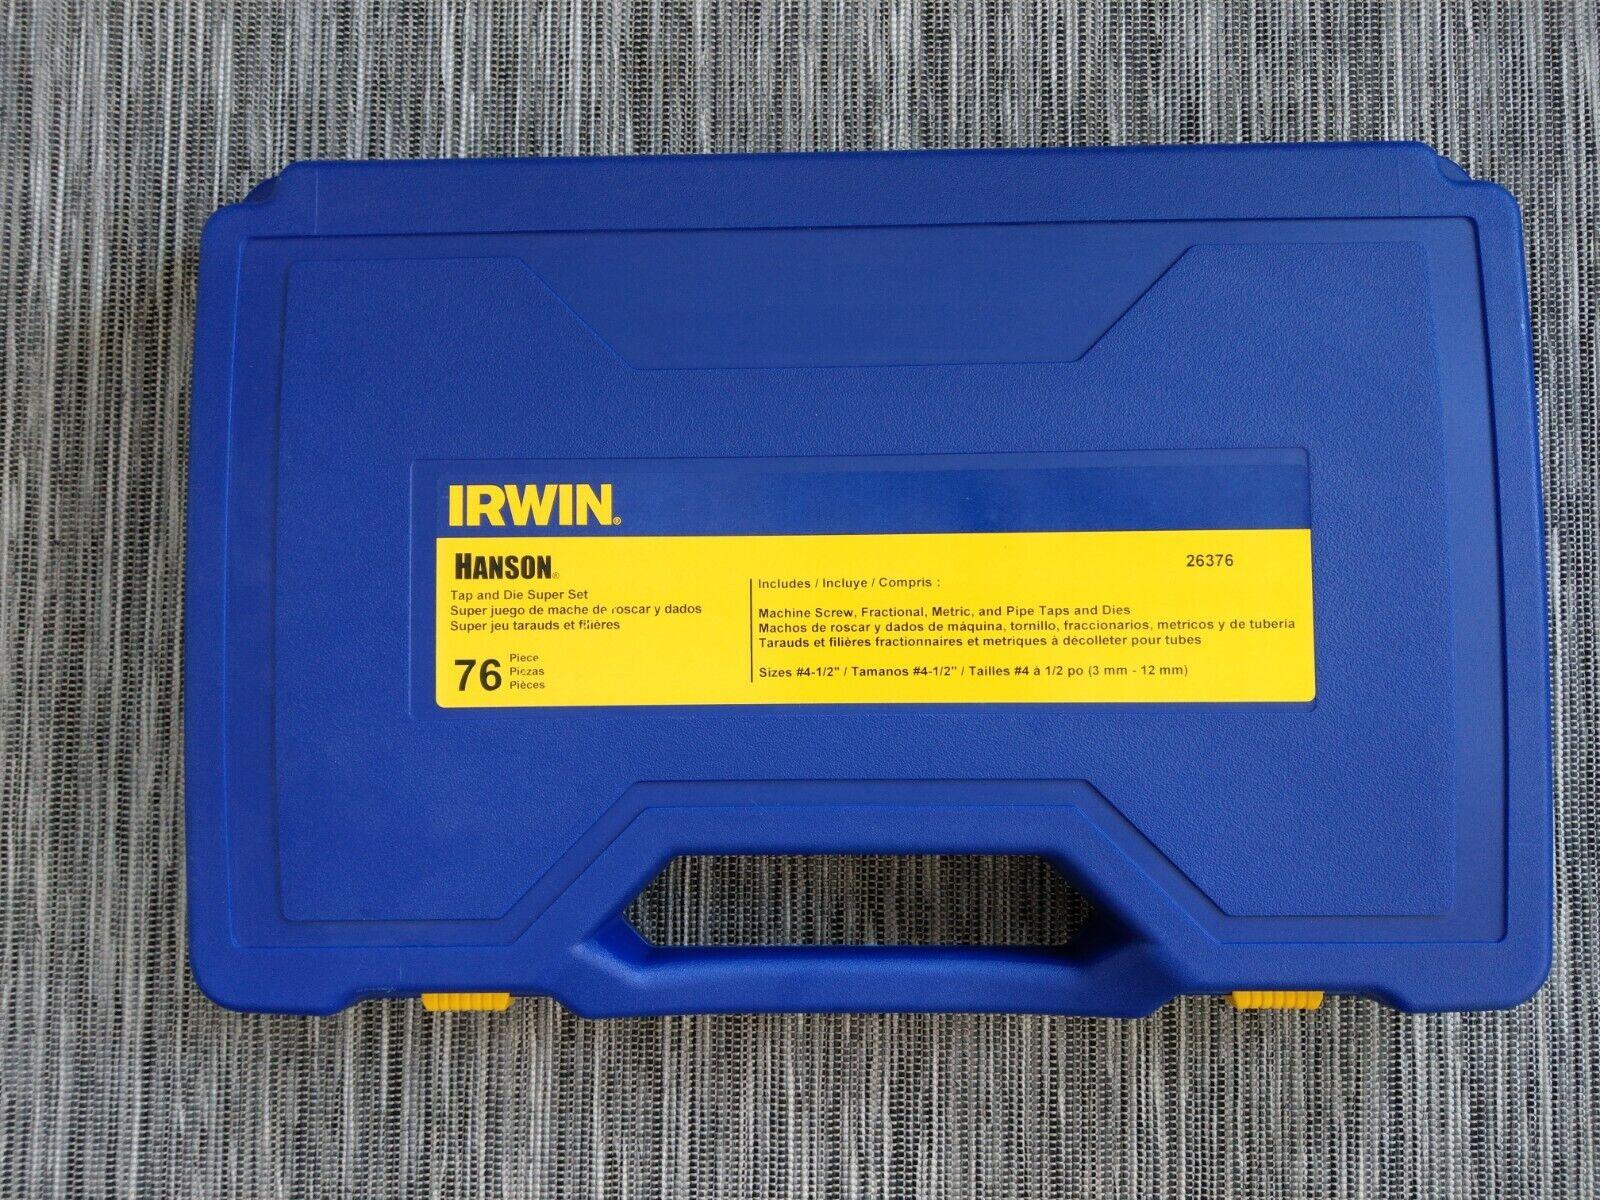 IRWIN HANSON Tap & Die Set, Steel, 76 Pieces